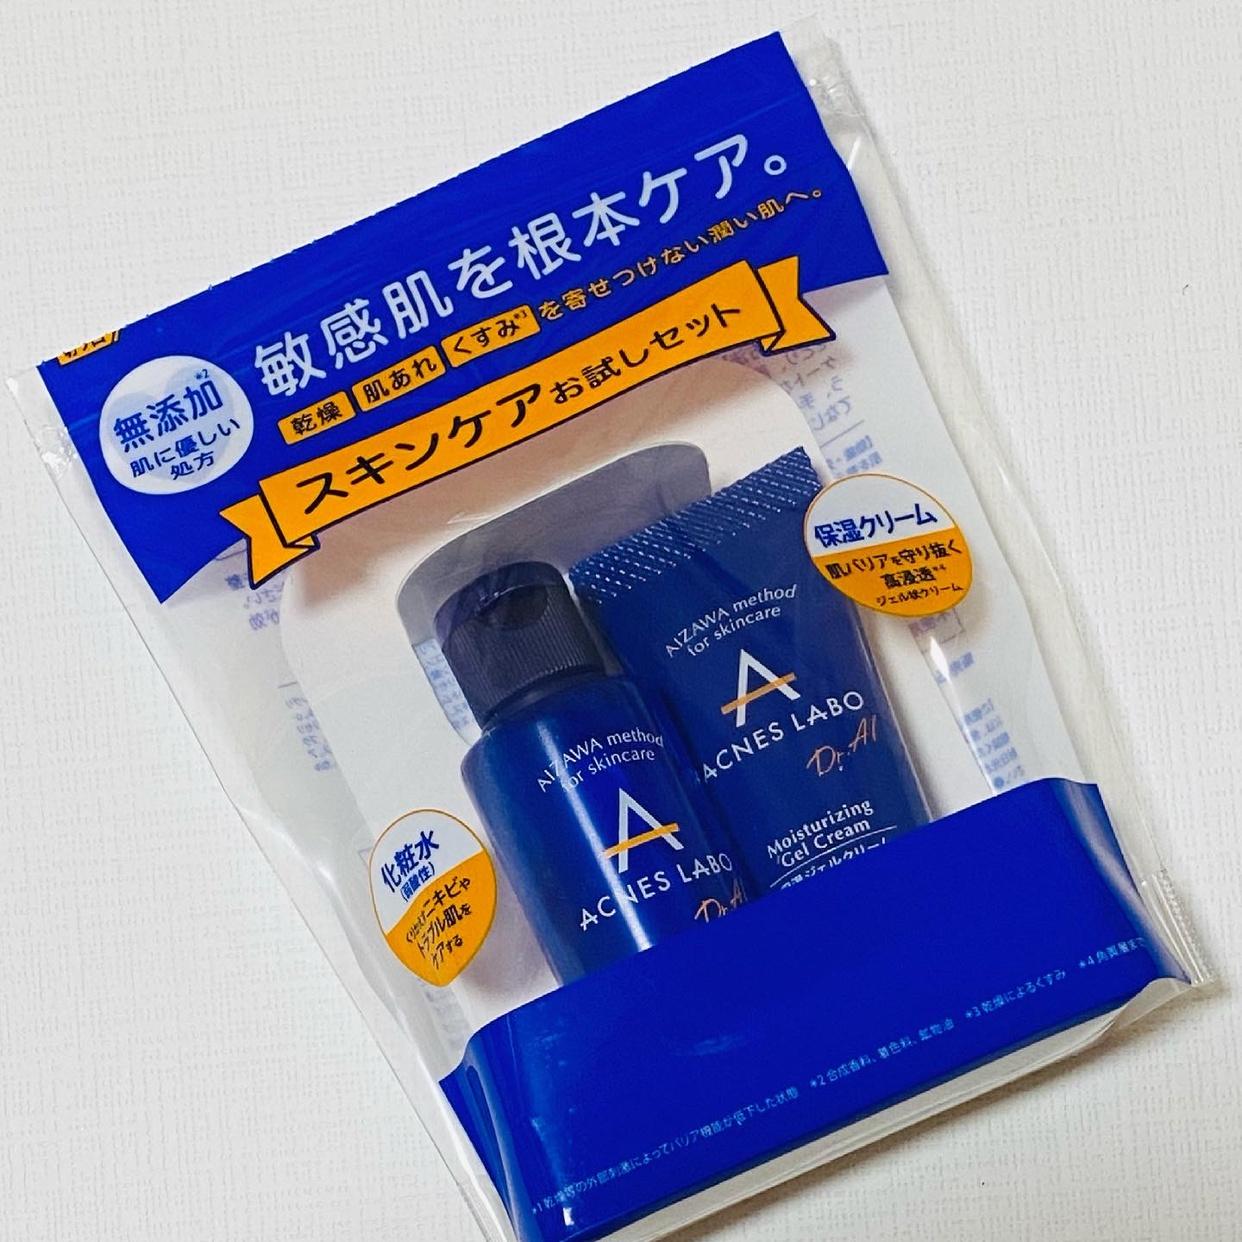 ACNES LABO(アクネスラボ)スキンケアお試しセットを使ったminoriさんのクチコミ画像1